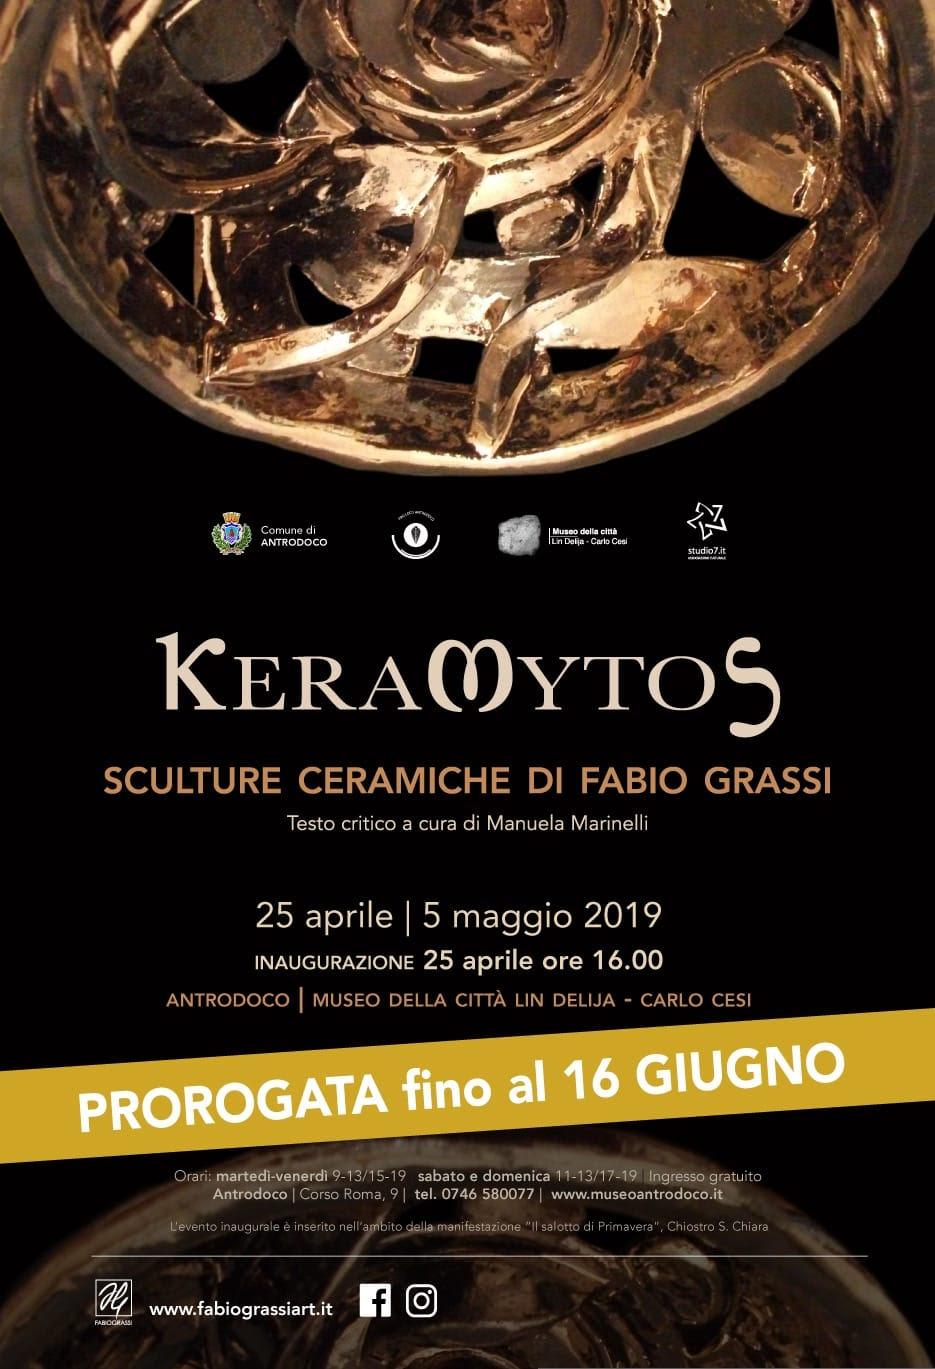 Keramitos di Fabio Grassi: ad Antrodoco fino al 16 giugno